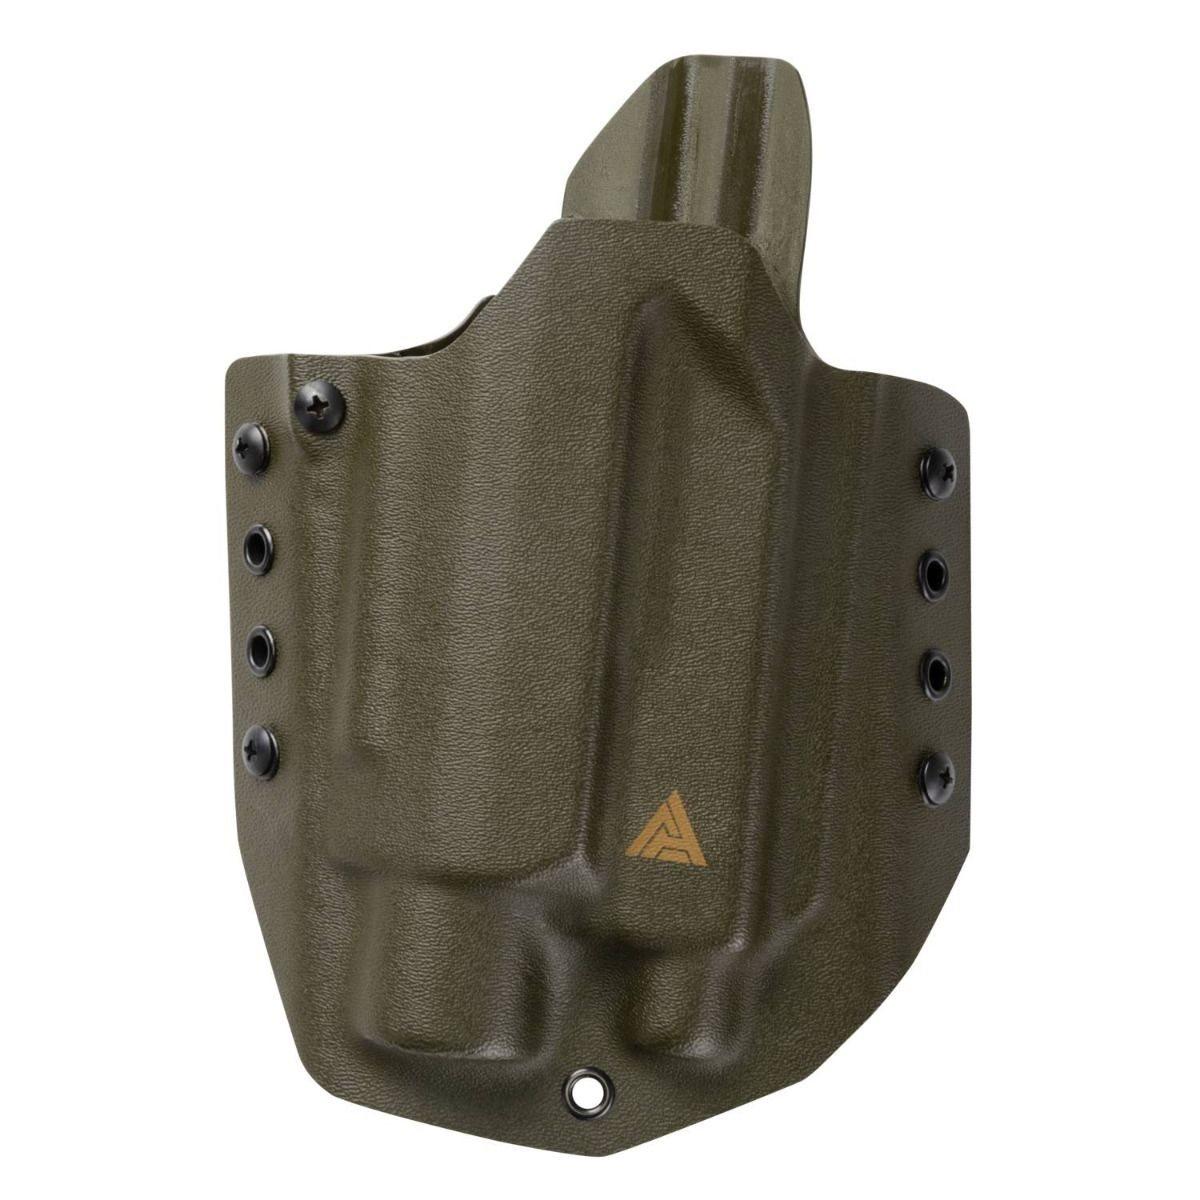 Pouzdro pistolové OWB G17 se svítilnou KYDEX OLIVE DRAB